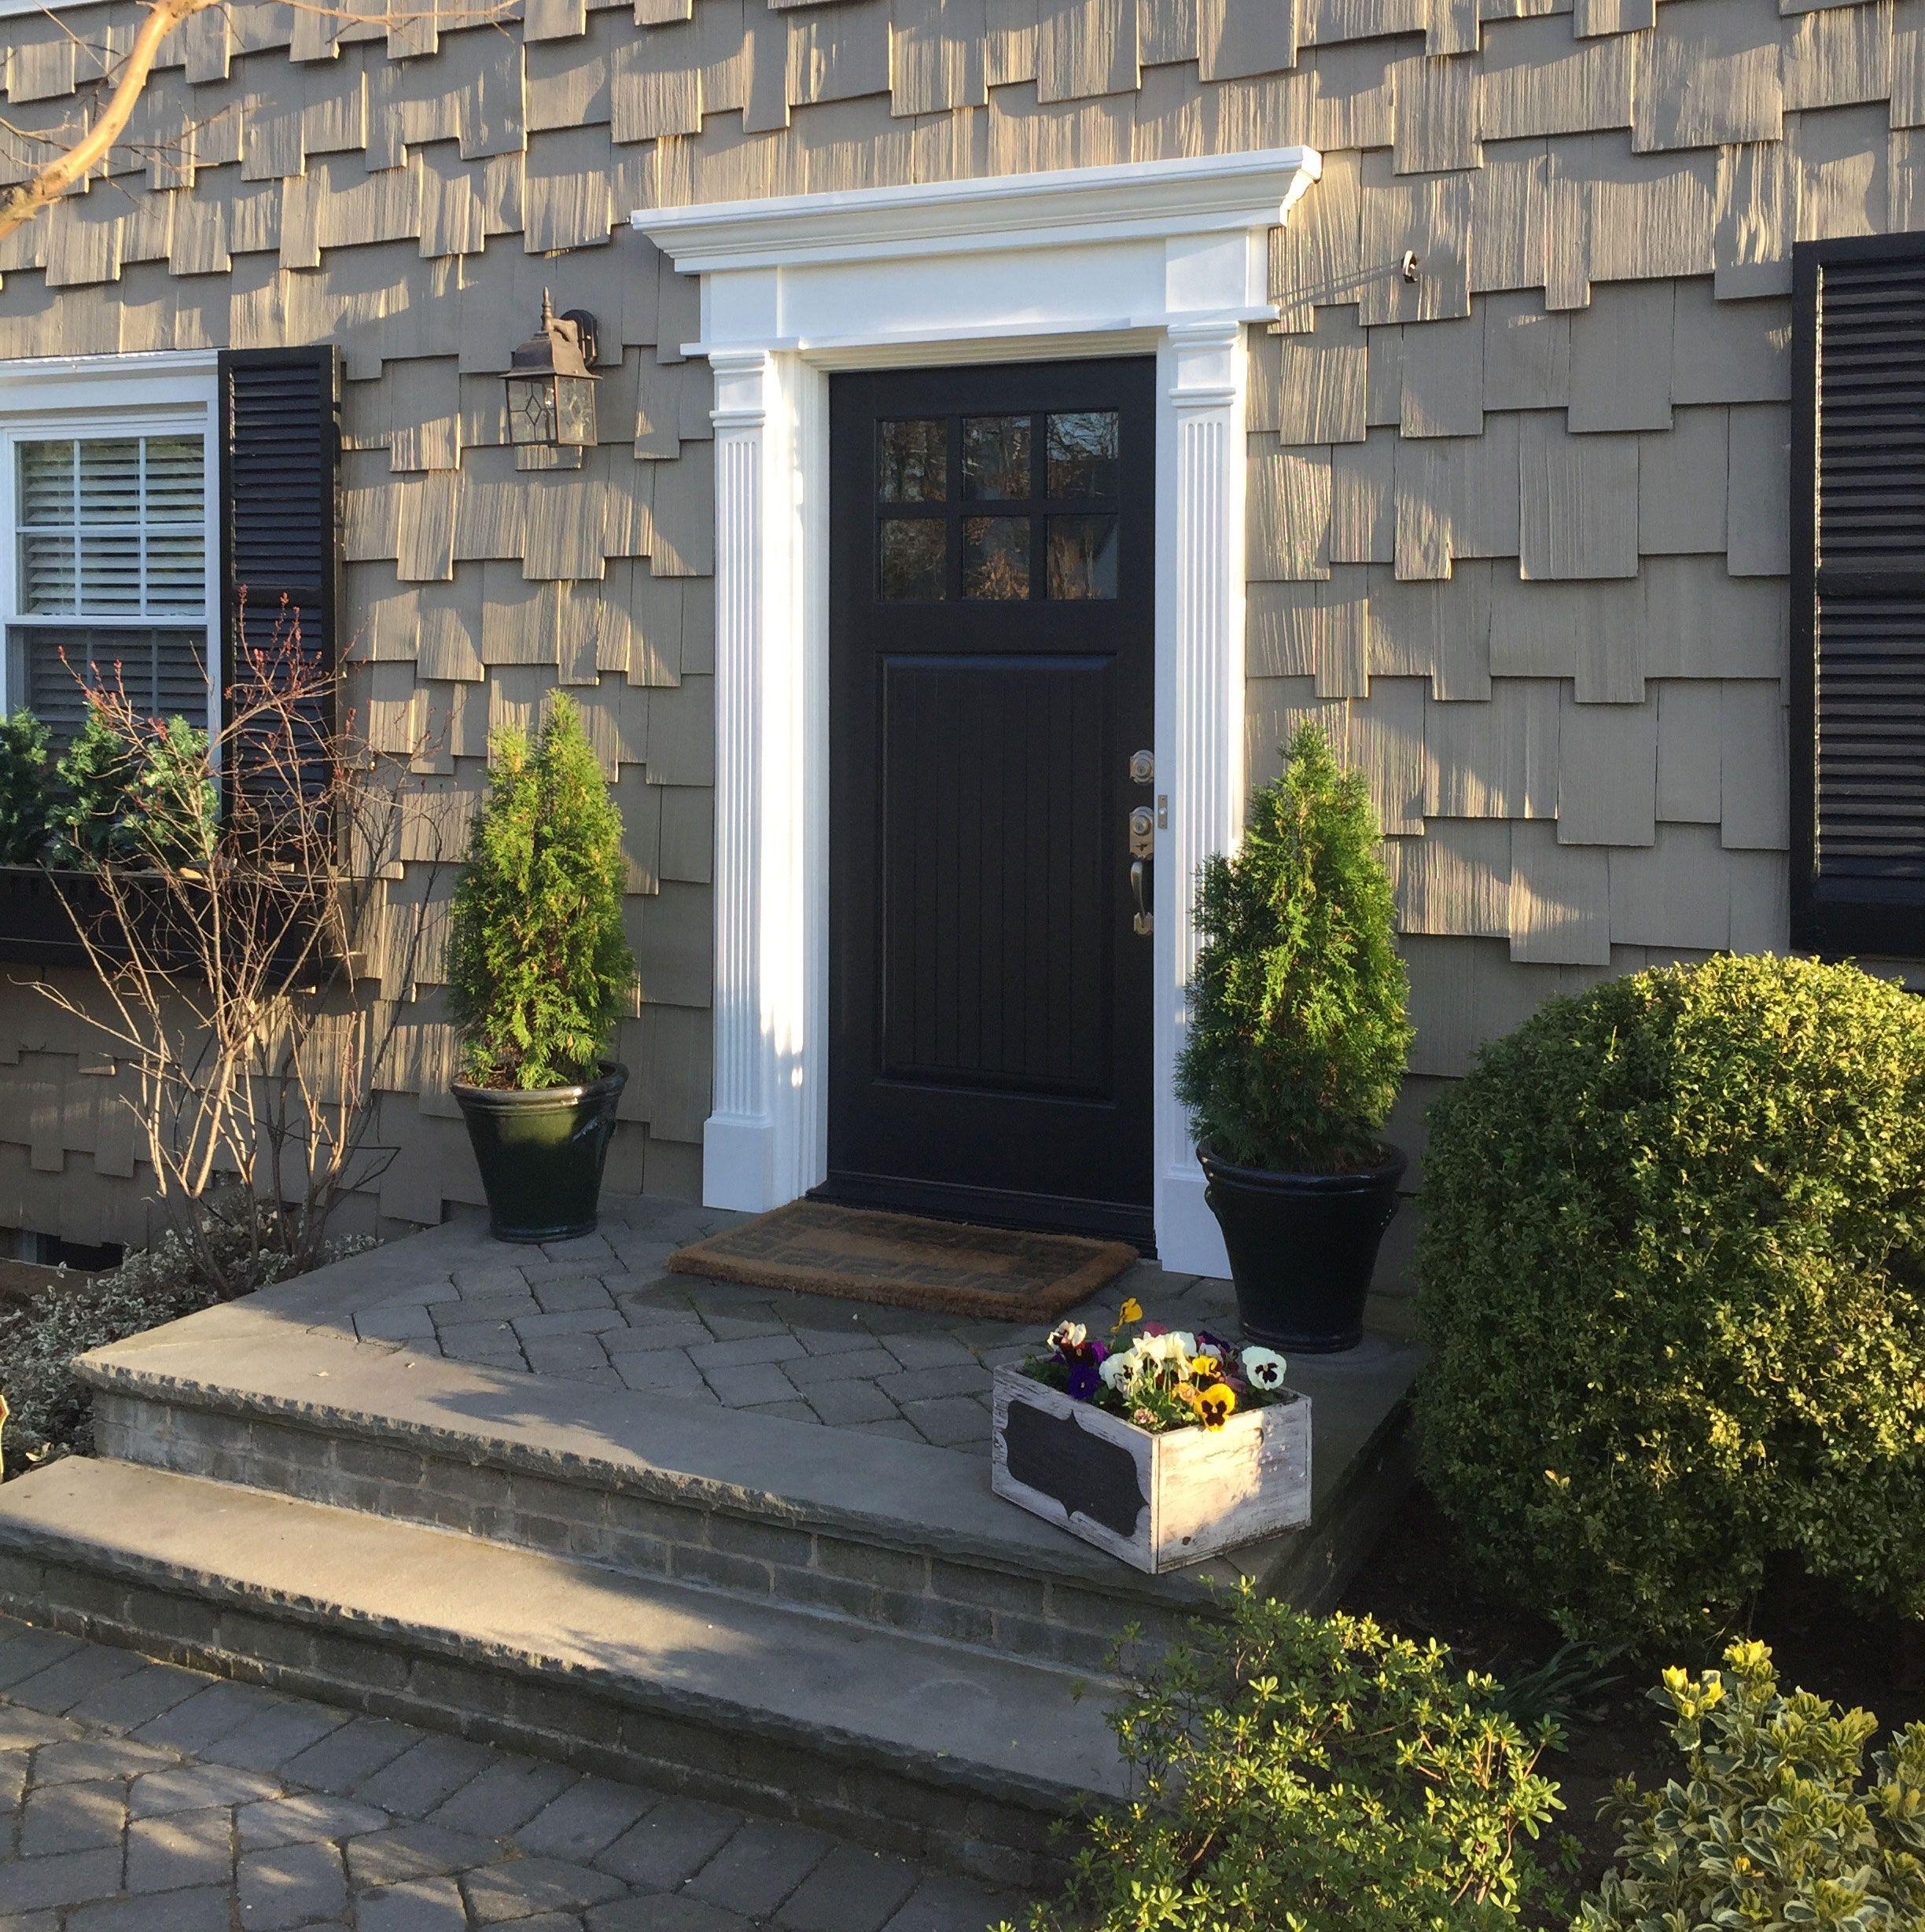 Fypon Crosshead \u0026 Pilaster Front Door Remodel & Fypon Crosshead \u0026 Pilaster Front Door Remodel | Front doors and Doors Pezcame.Com